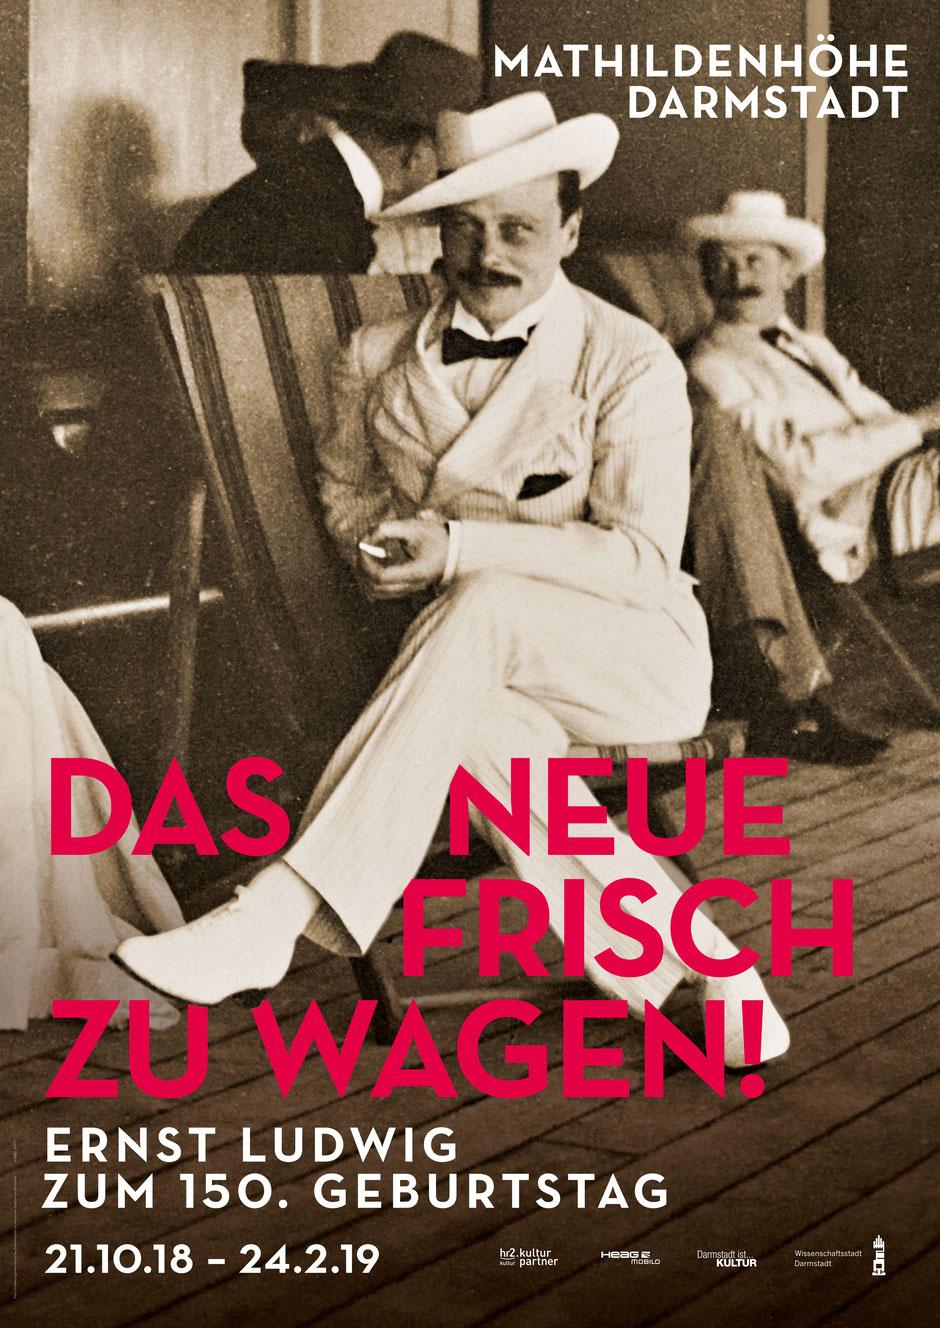 Plakat zur Sonderausstellung in Darmstadt auf der Mathildenhöhe, anlässlich Ernst Ludwigs 150sten Geburtstag